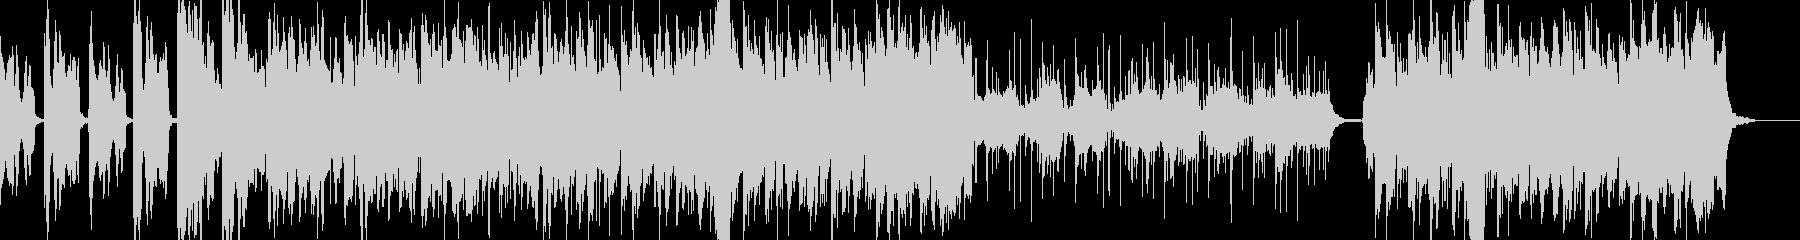 ほのぼのした弦楽器メロディーの音楽の未再生の波形